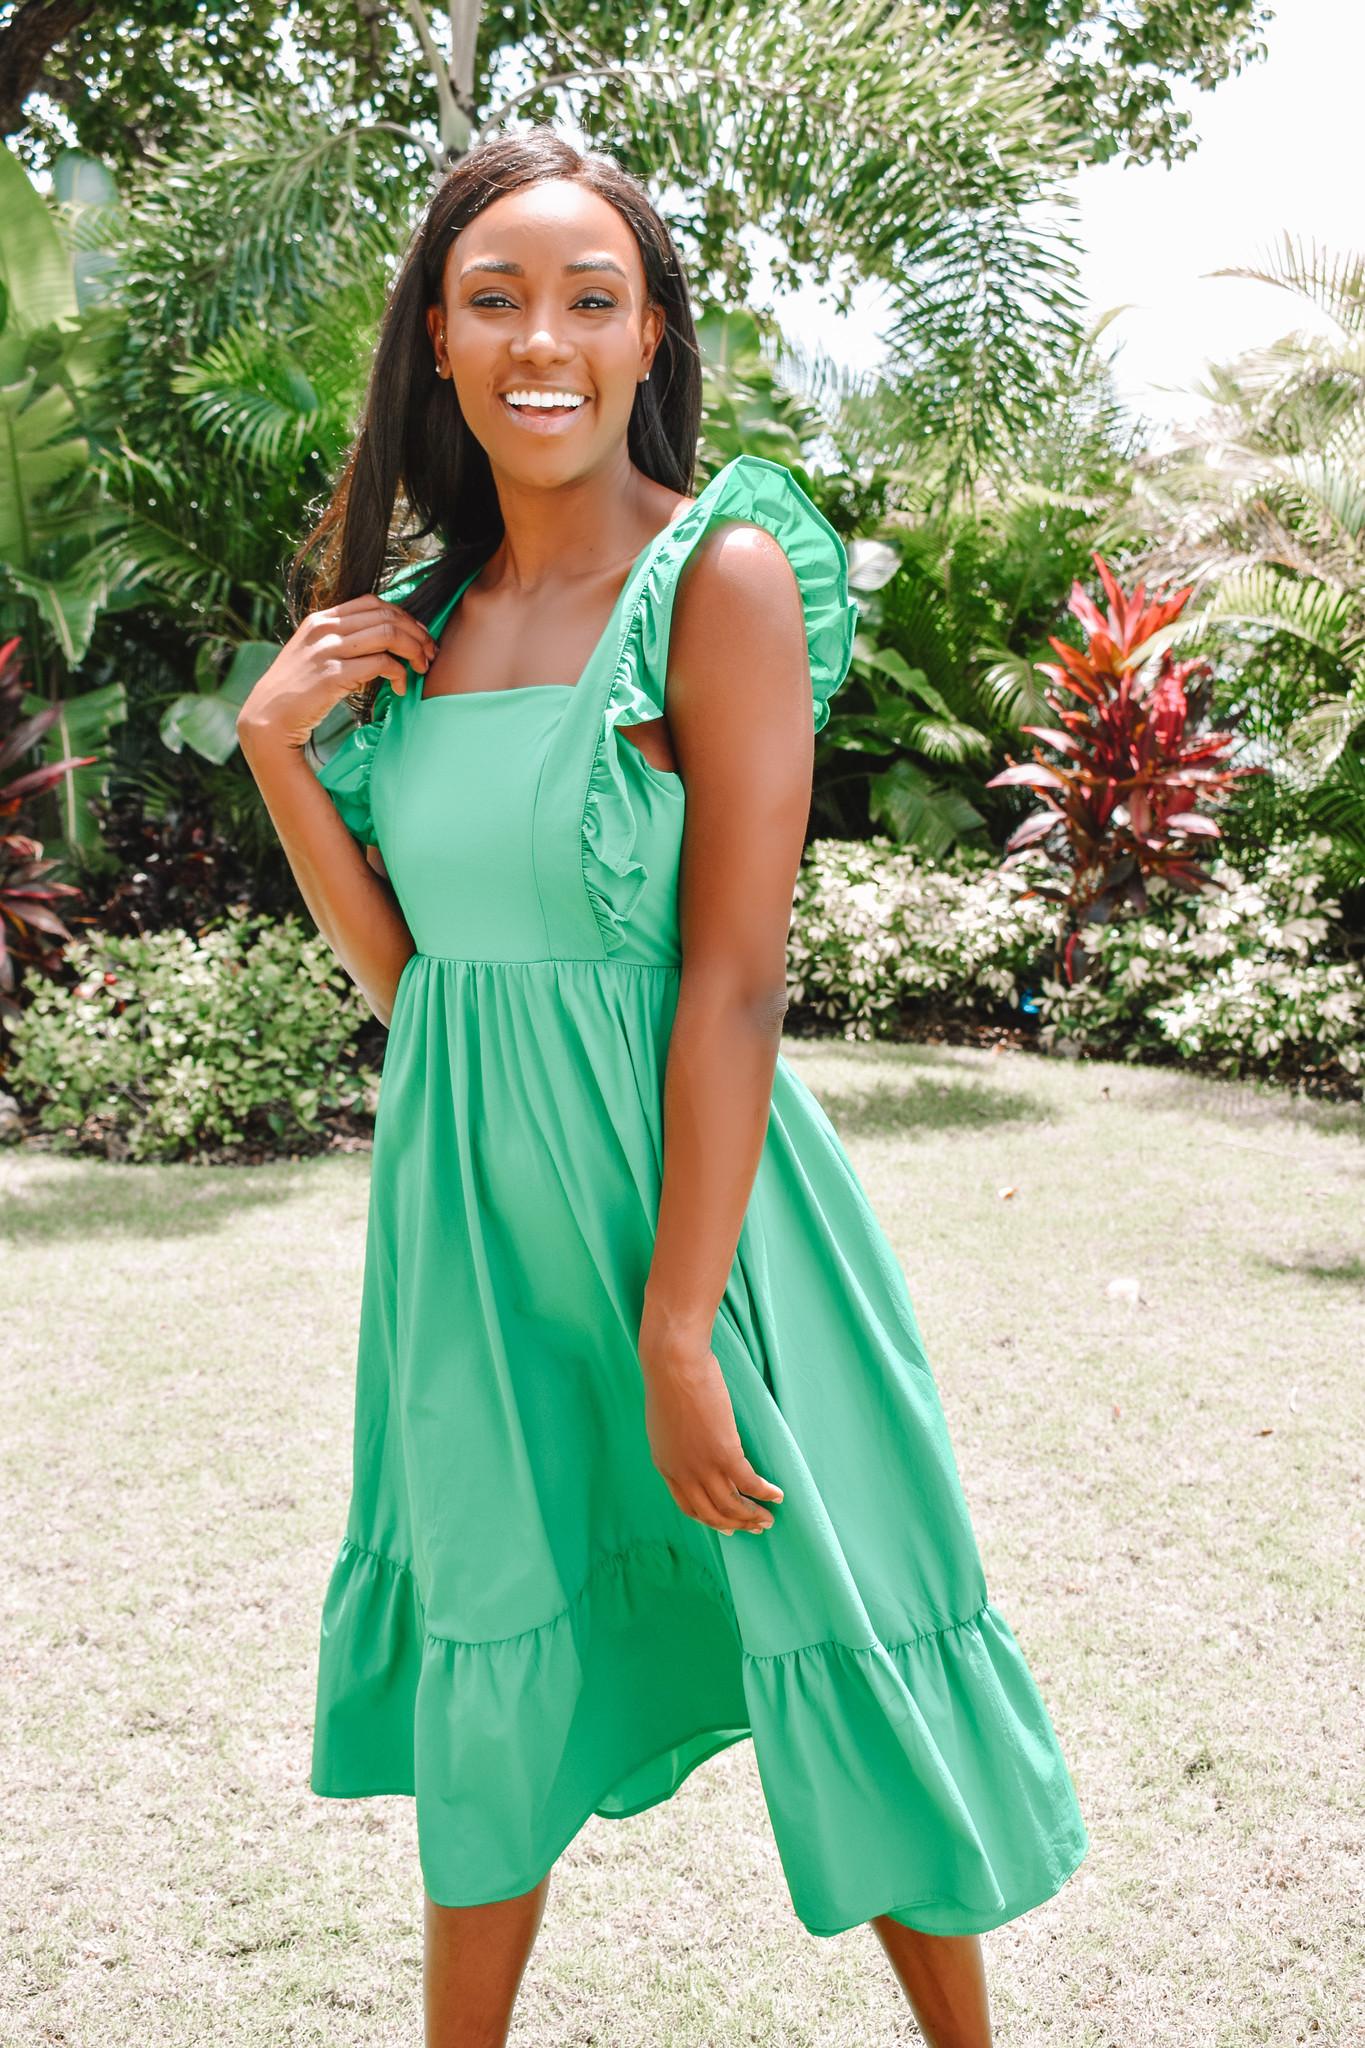 Samantha Midi Dress